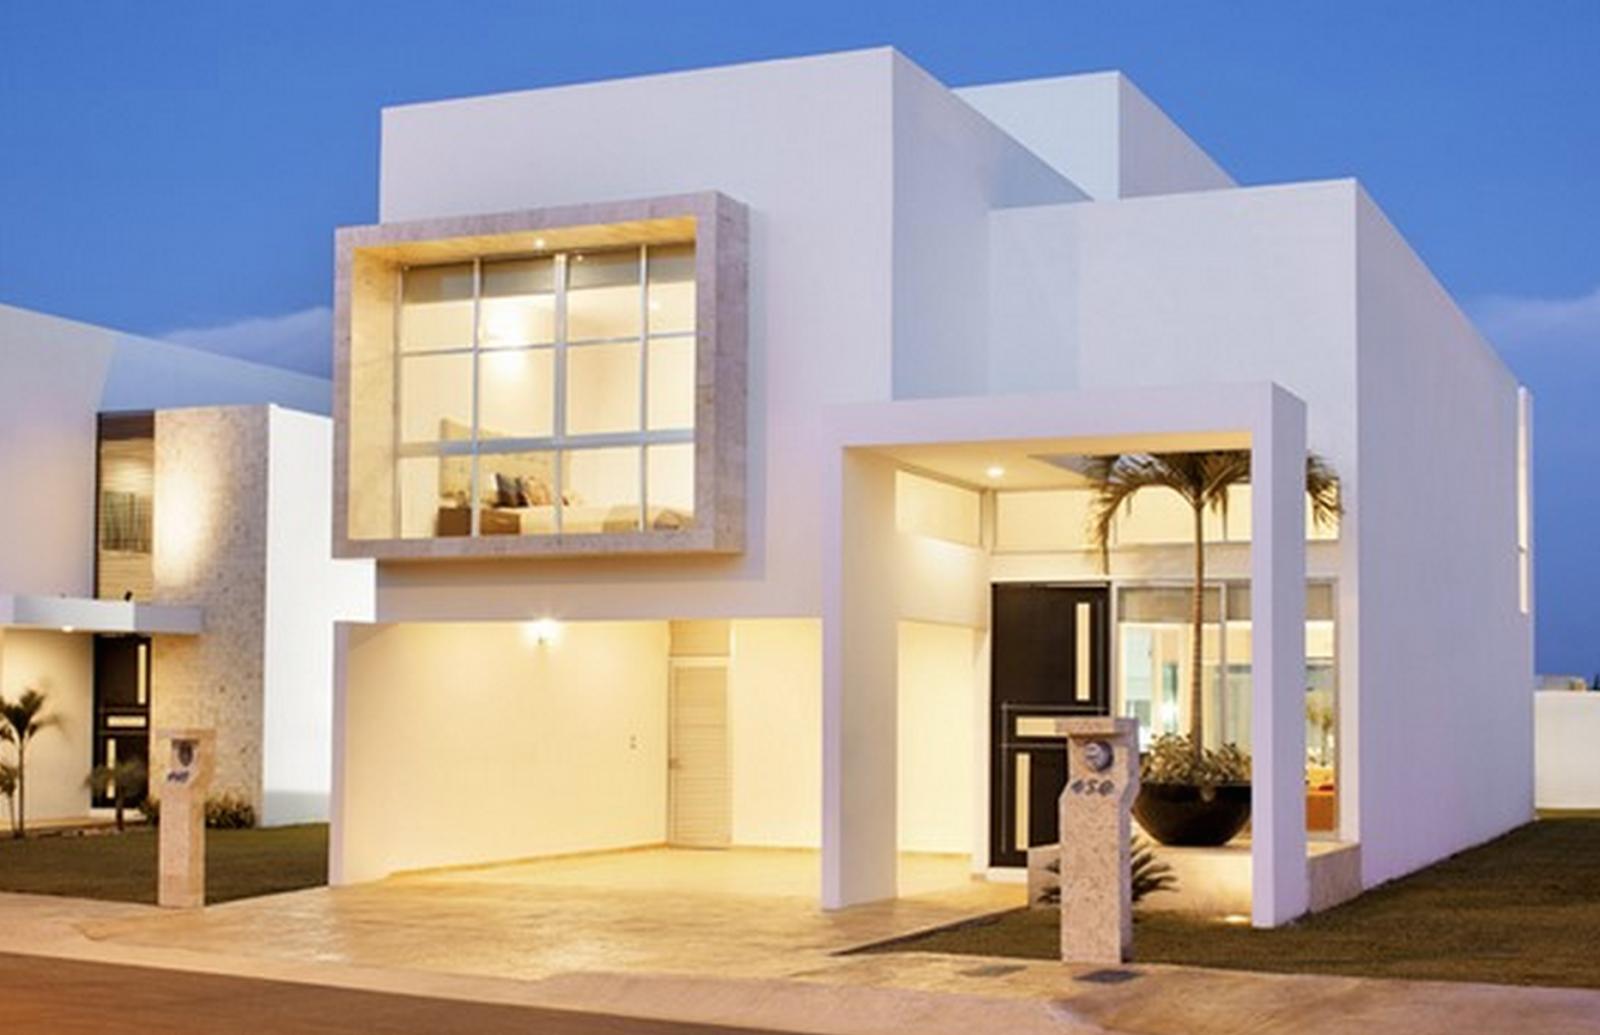 Casas prefabricadas y modulares casas minimalistas for Casas estilo minimalista de dos plantas